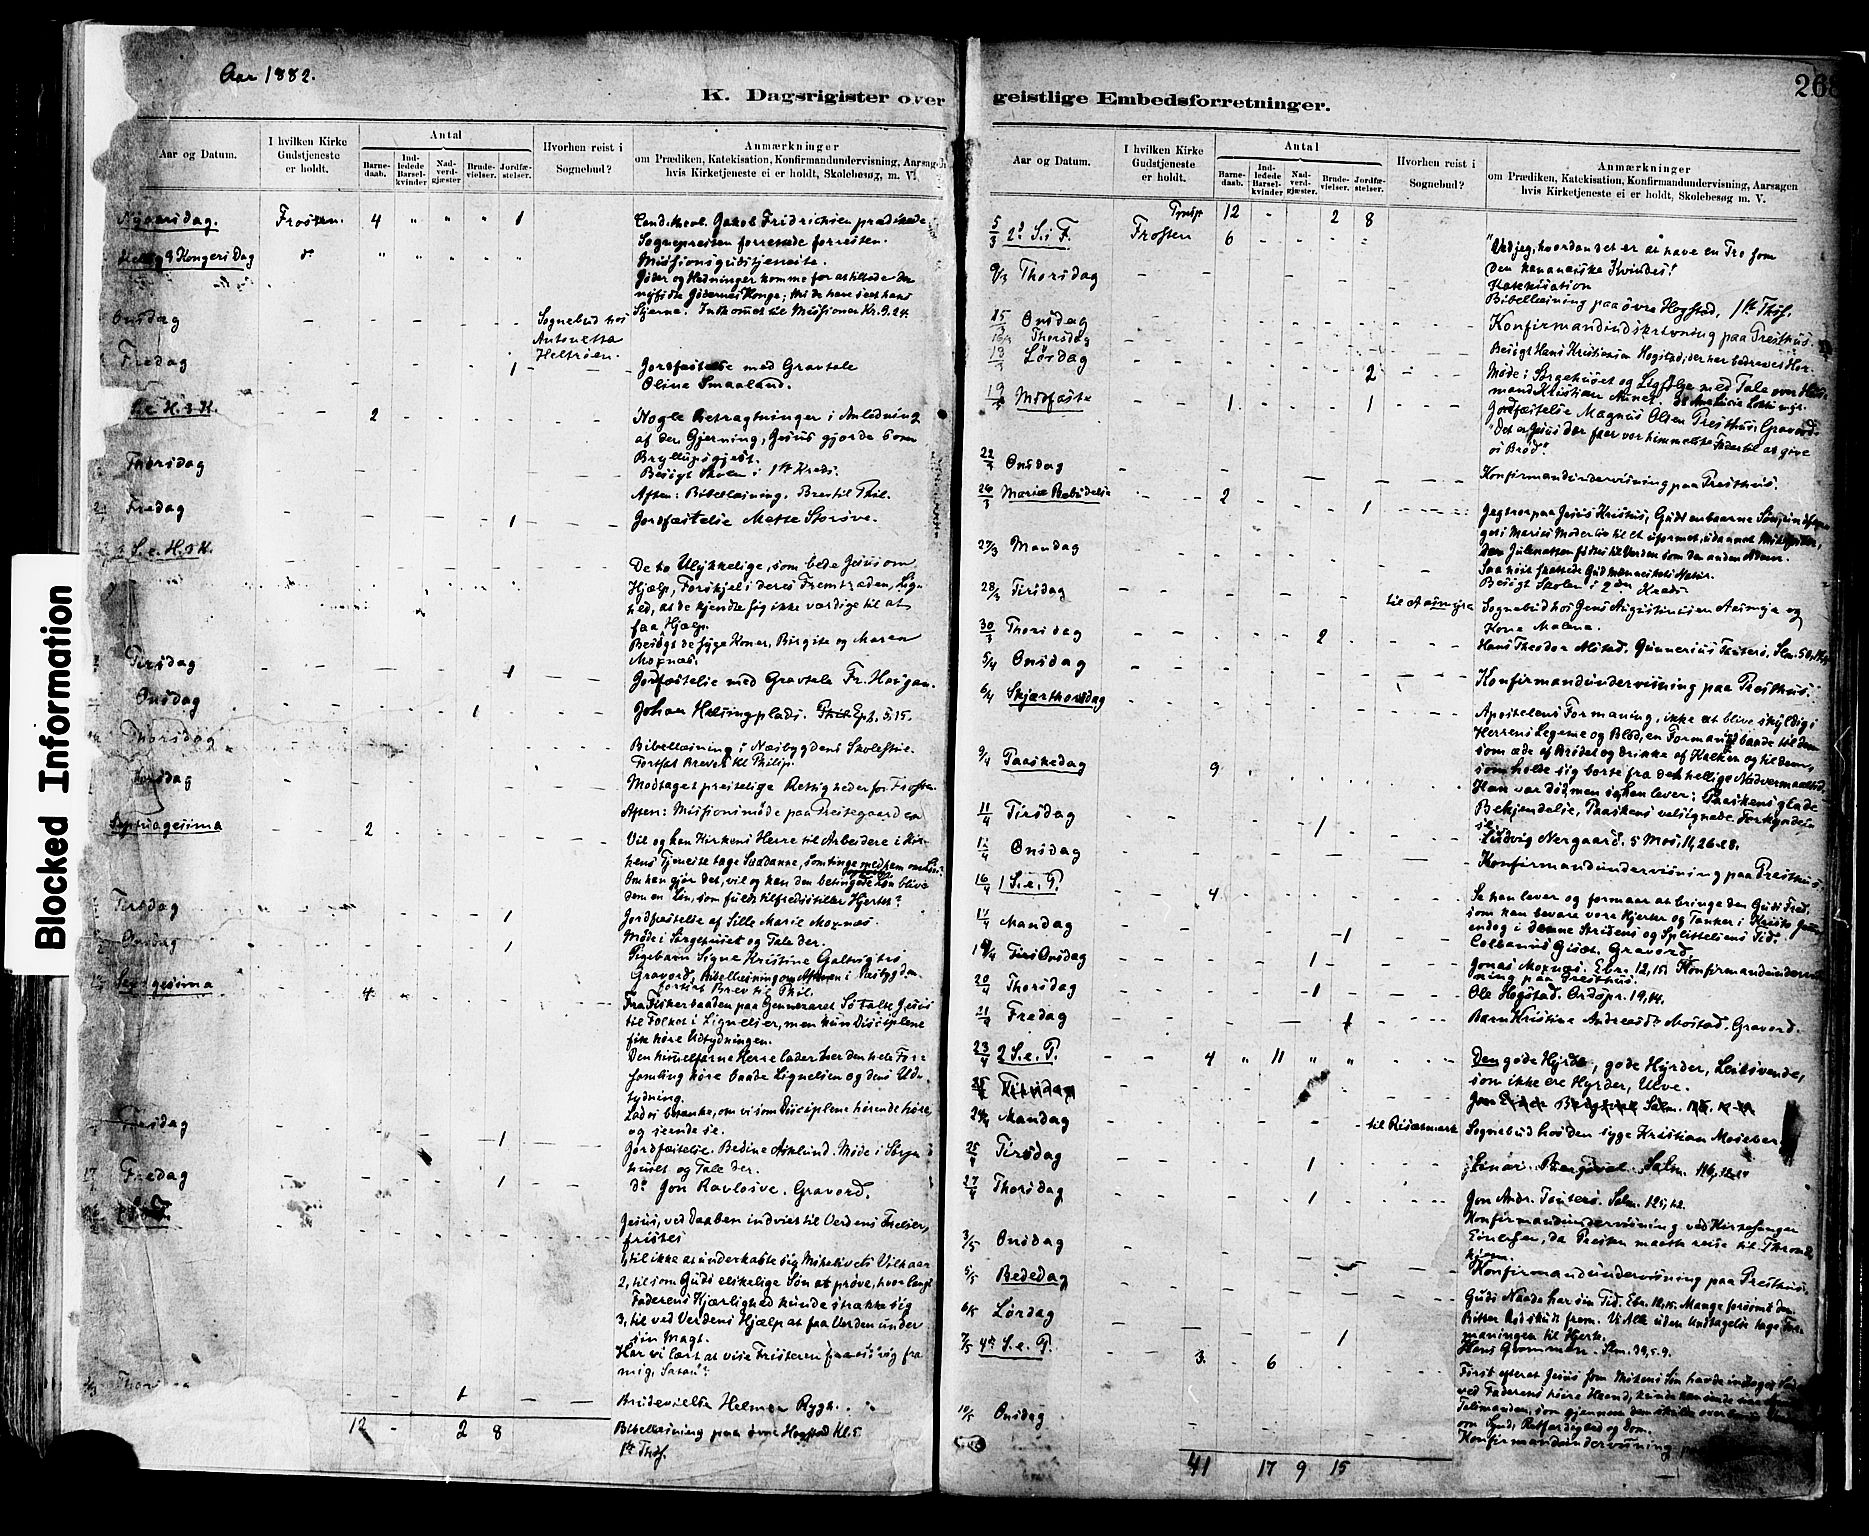 SAT, Ministerialprotokoller, klokkerbøker og fødselsregistre - Nord-Trøndelag, 713/L0120: Ministerialbok nr. 713A09, 1878-1887, s. 268